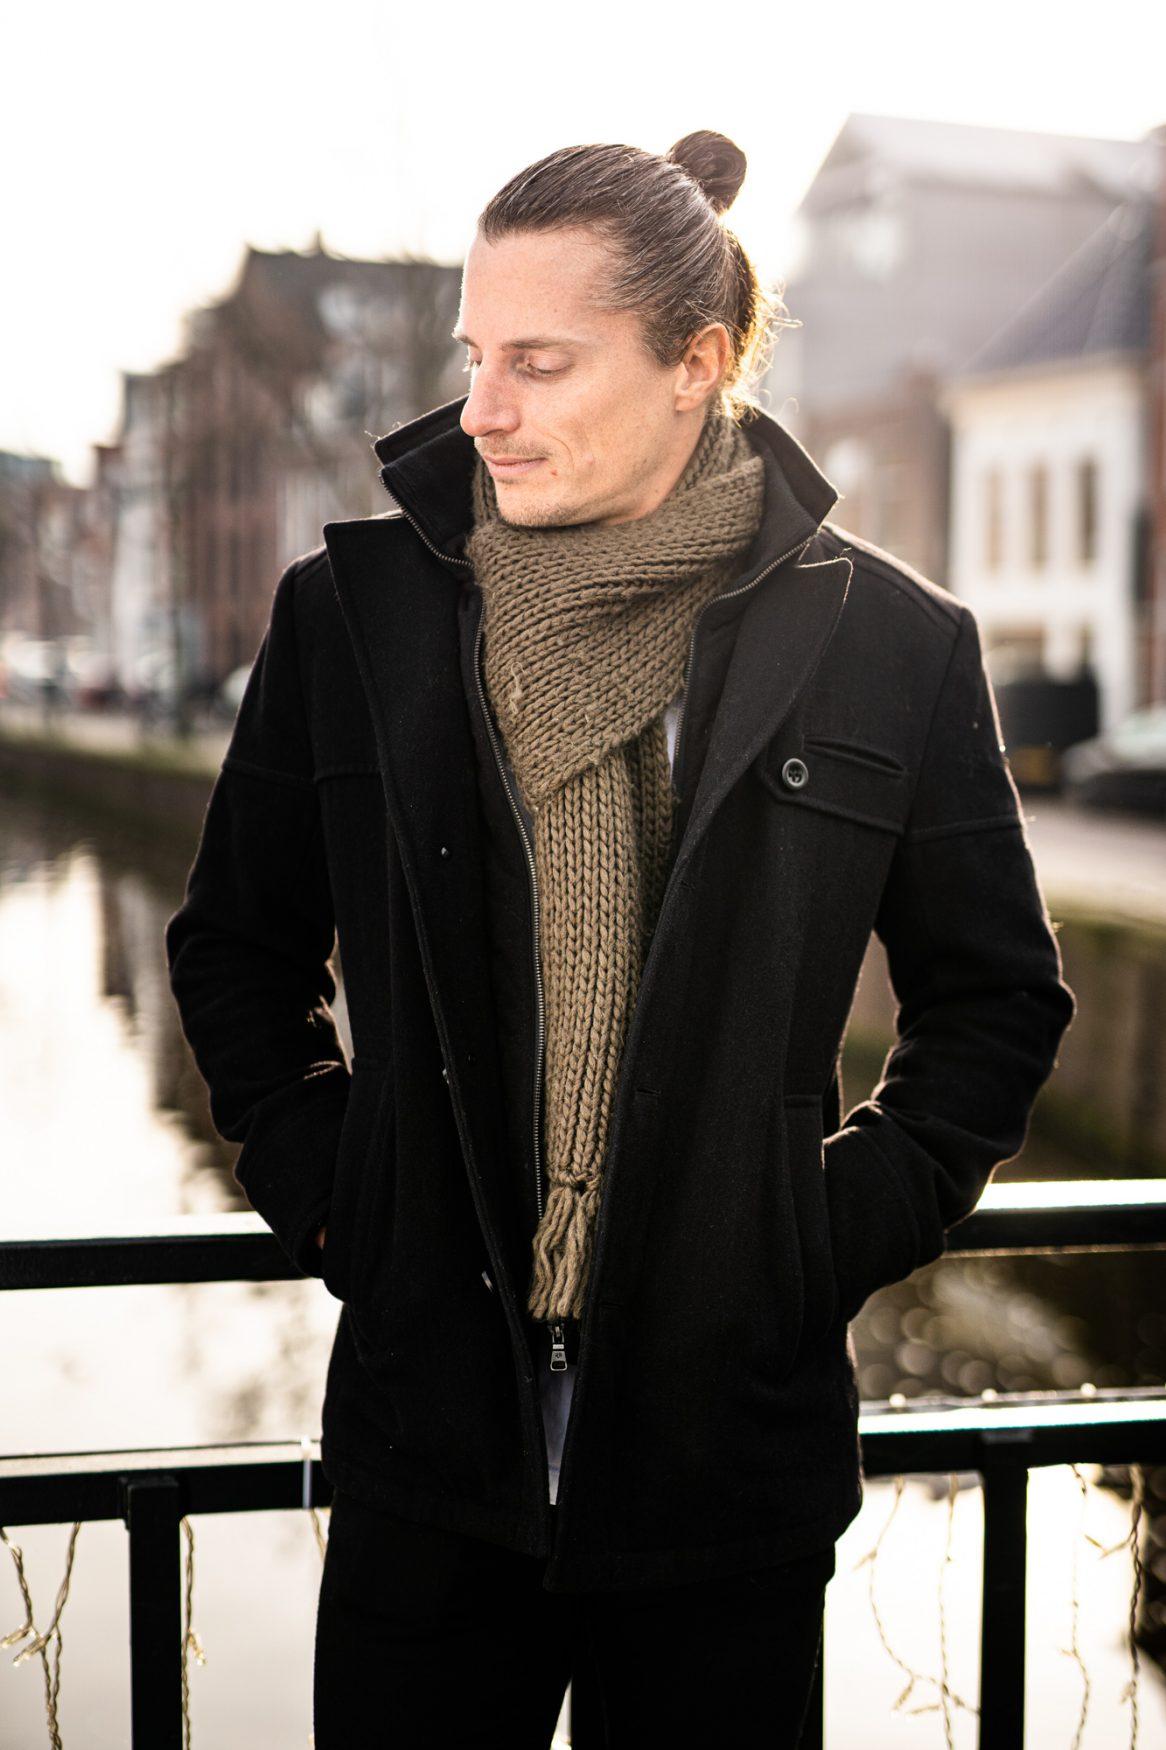 Zakelijke Portretfotografie Groningen